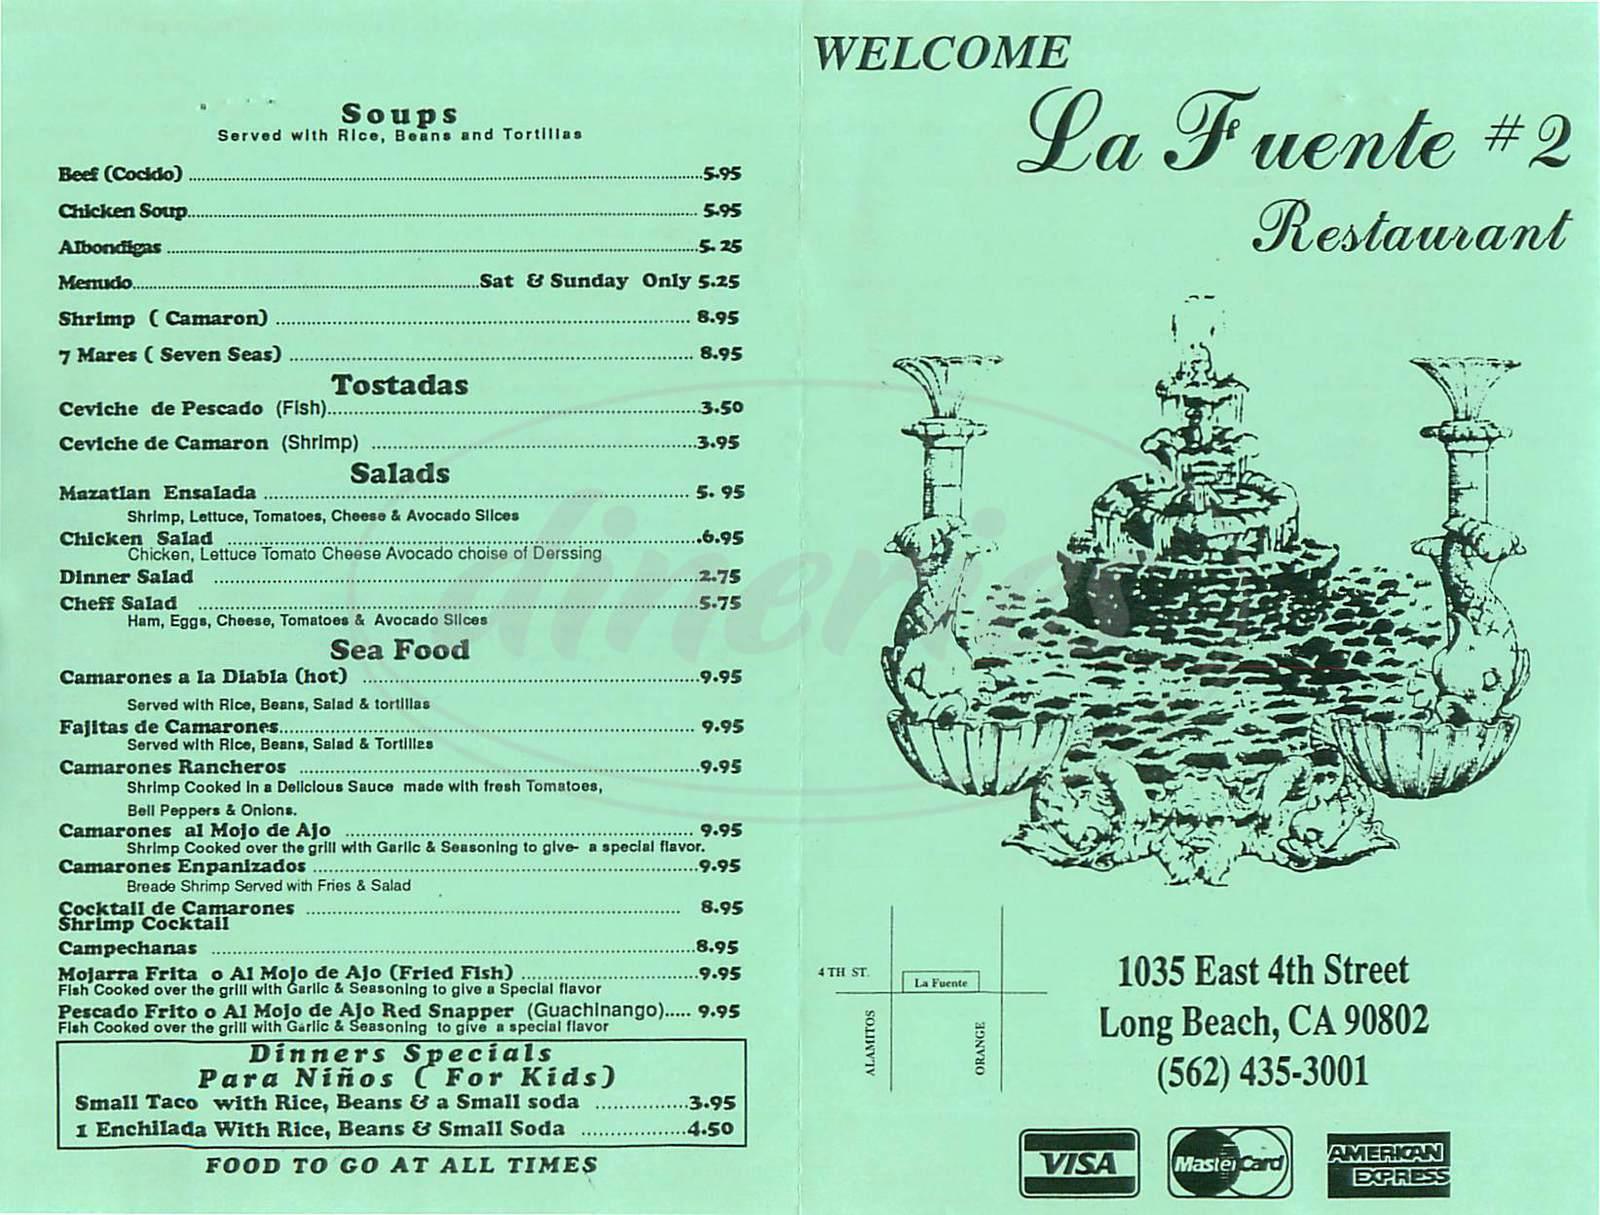 menu for La Fuente